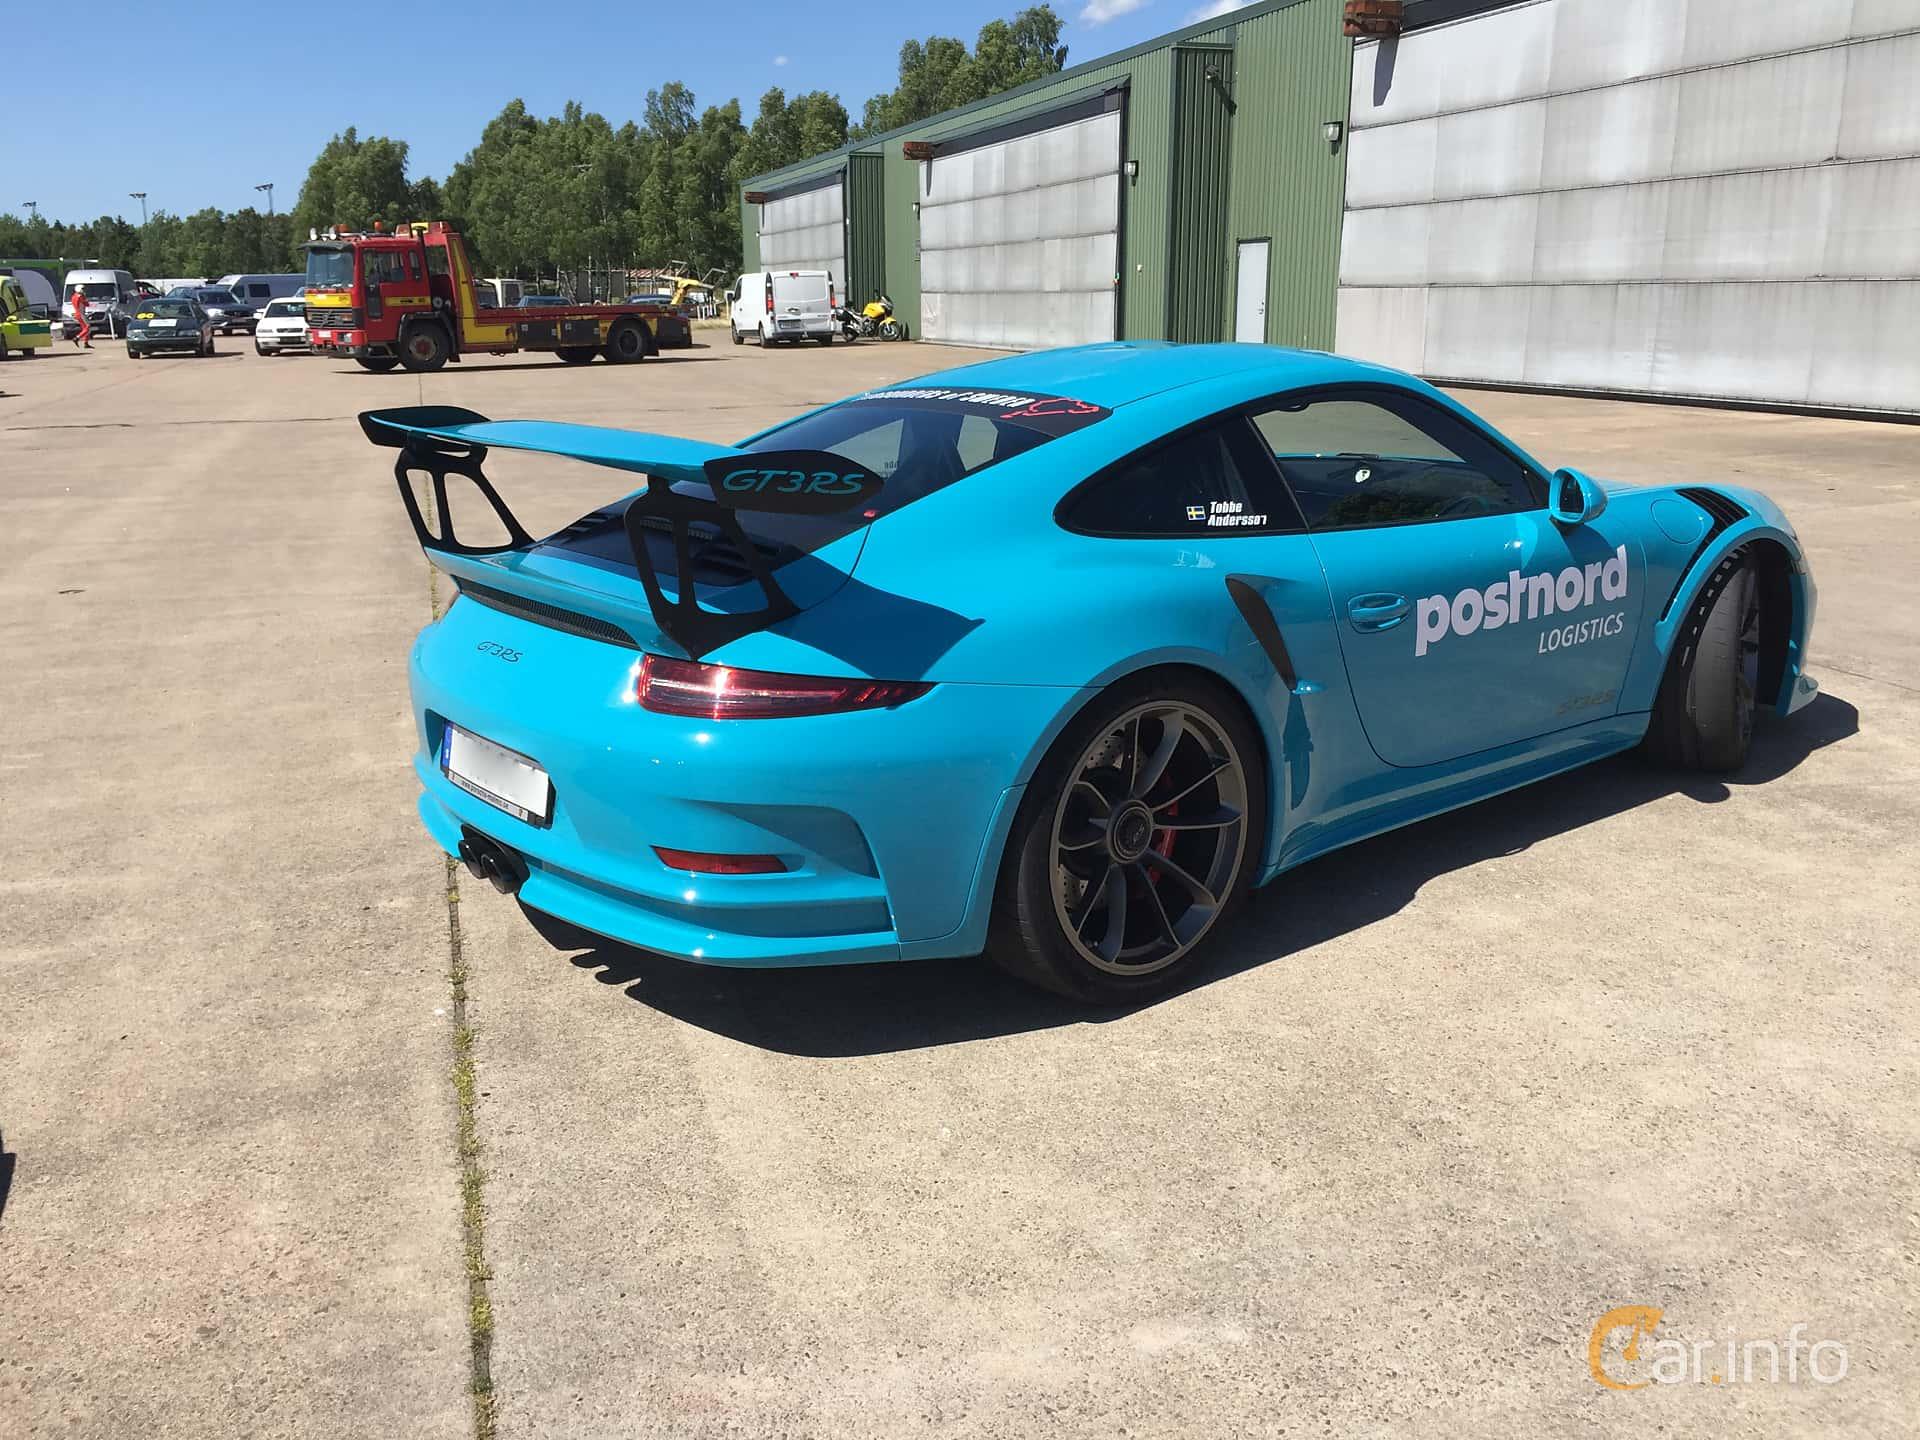 Porsche 911 GT3 RS 4.0 H6 PDK, 500hp, 2016